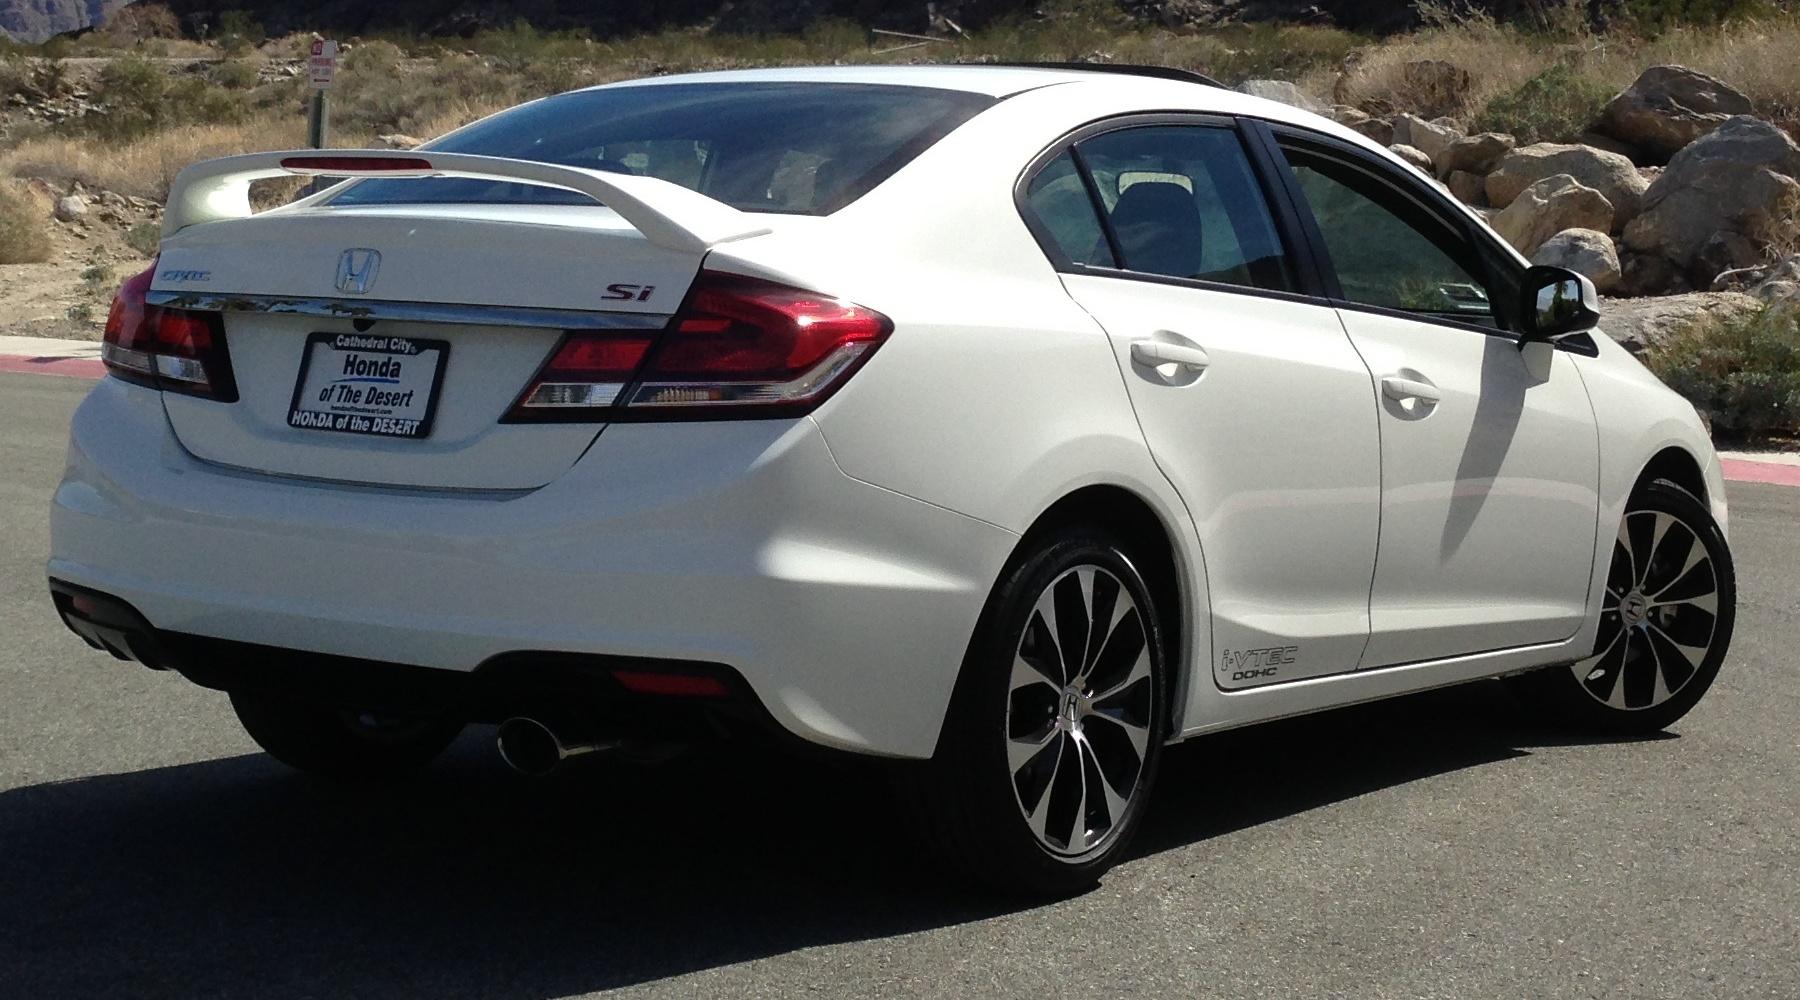 NEW Oil Pan for Honda Civic 1.8L 2012-2015